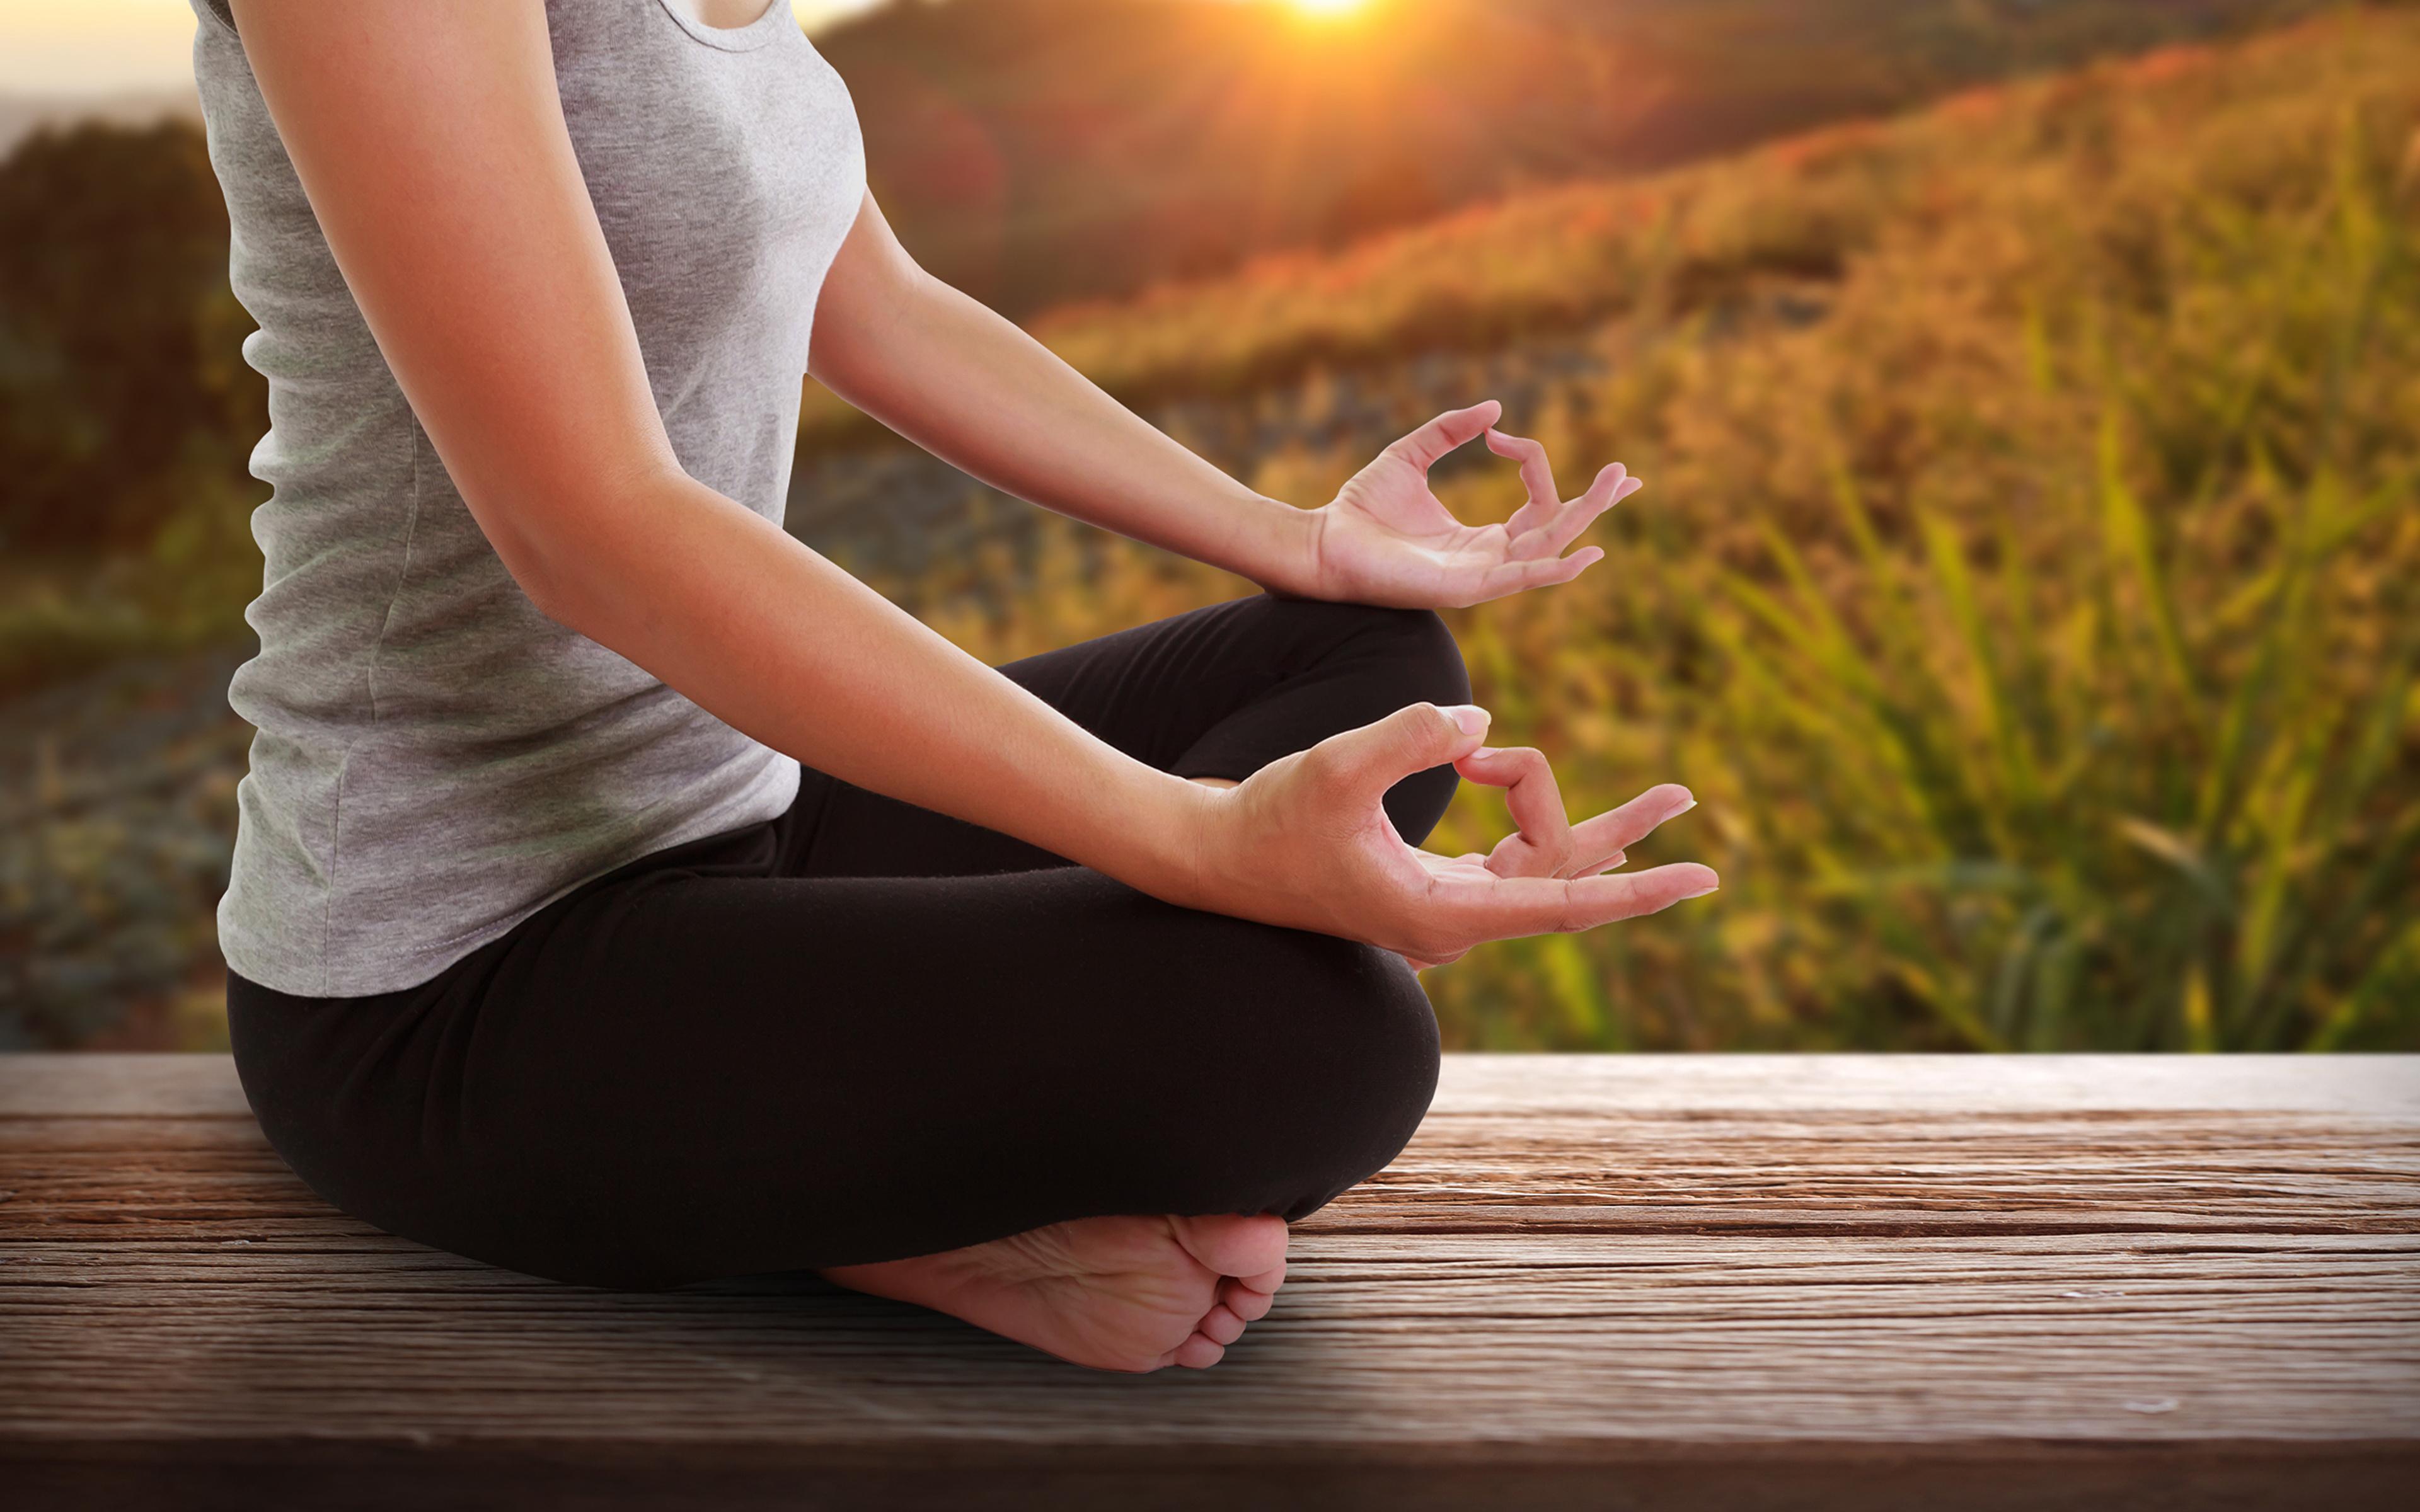 Медитация На Похудение Совершенство. Медитация для похудения: психологические методы